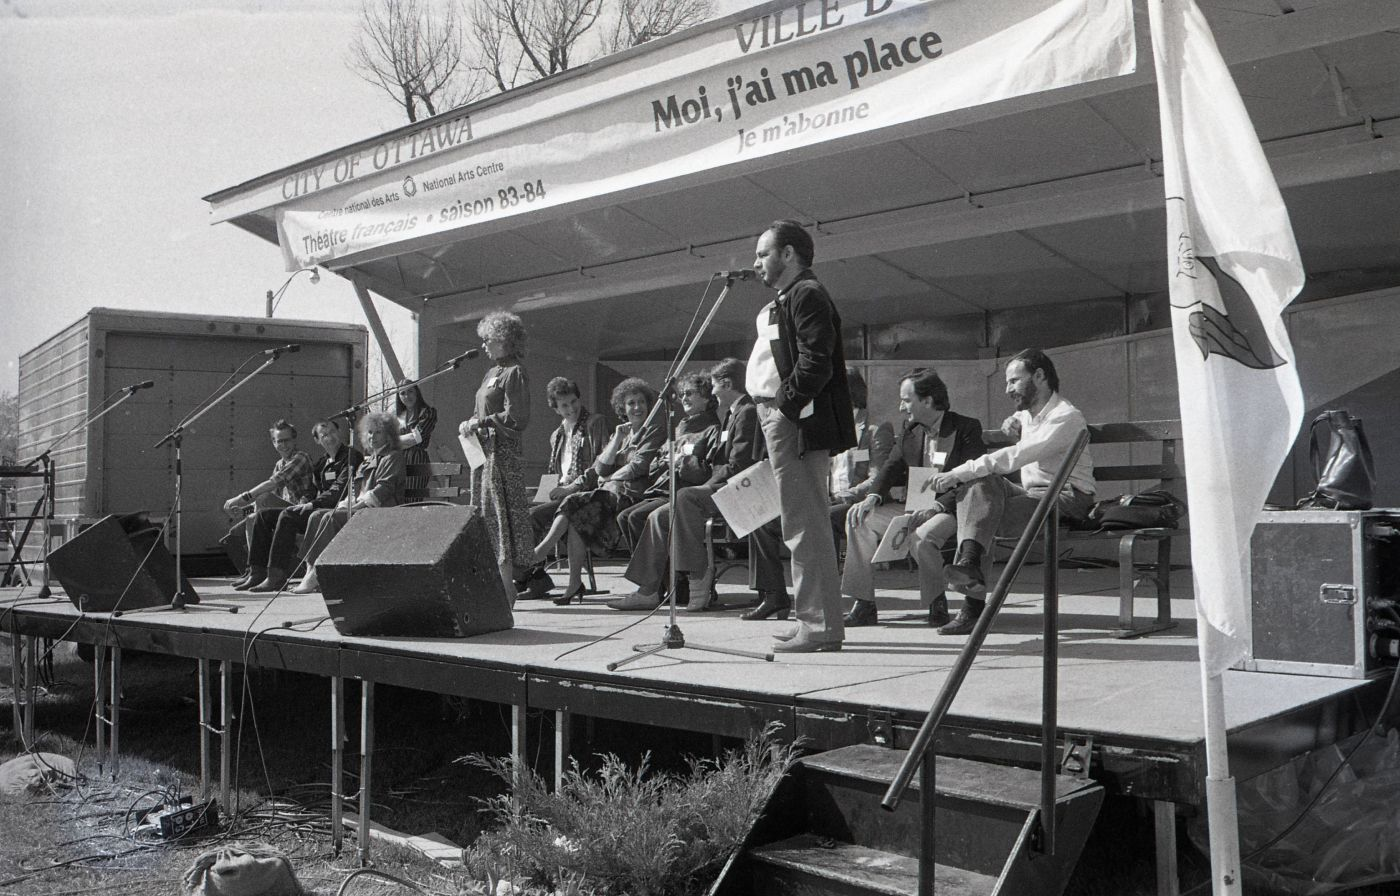 Photographie en noir et blanc d'un homme et d'une femme d'âge moyen parlant au microphone sur une scène extérieure. Derrière eux, une dizaine de personnes assises sur des bancs. Une bannière au-dessus de la scène sur laquelle est écrit : « Centre national des Arts  -  National Arts Centre ; Théâtre français saison 83-84 ; Moi,  j'ai ma place ; Je m'abonne ».